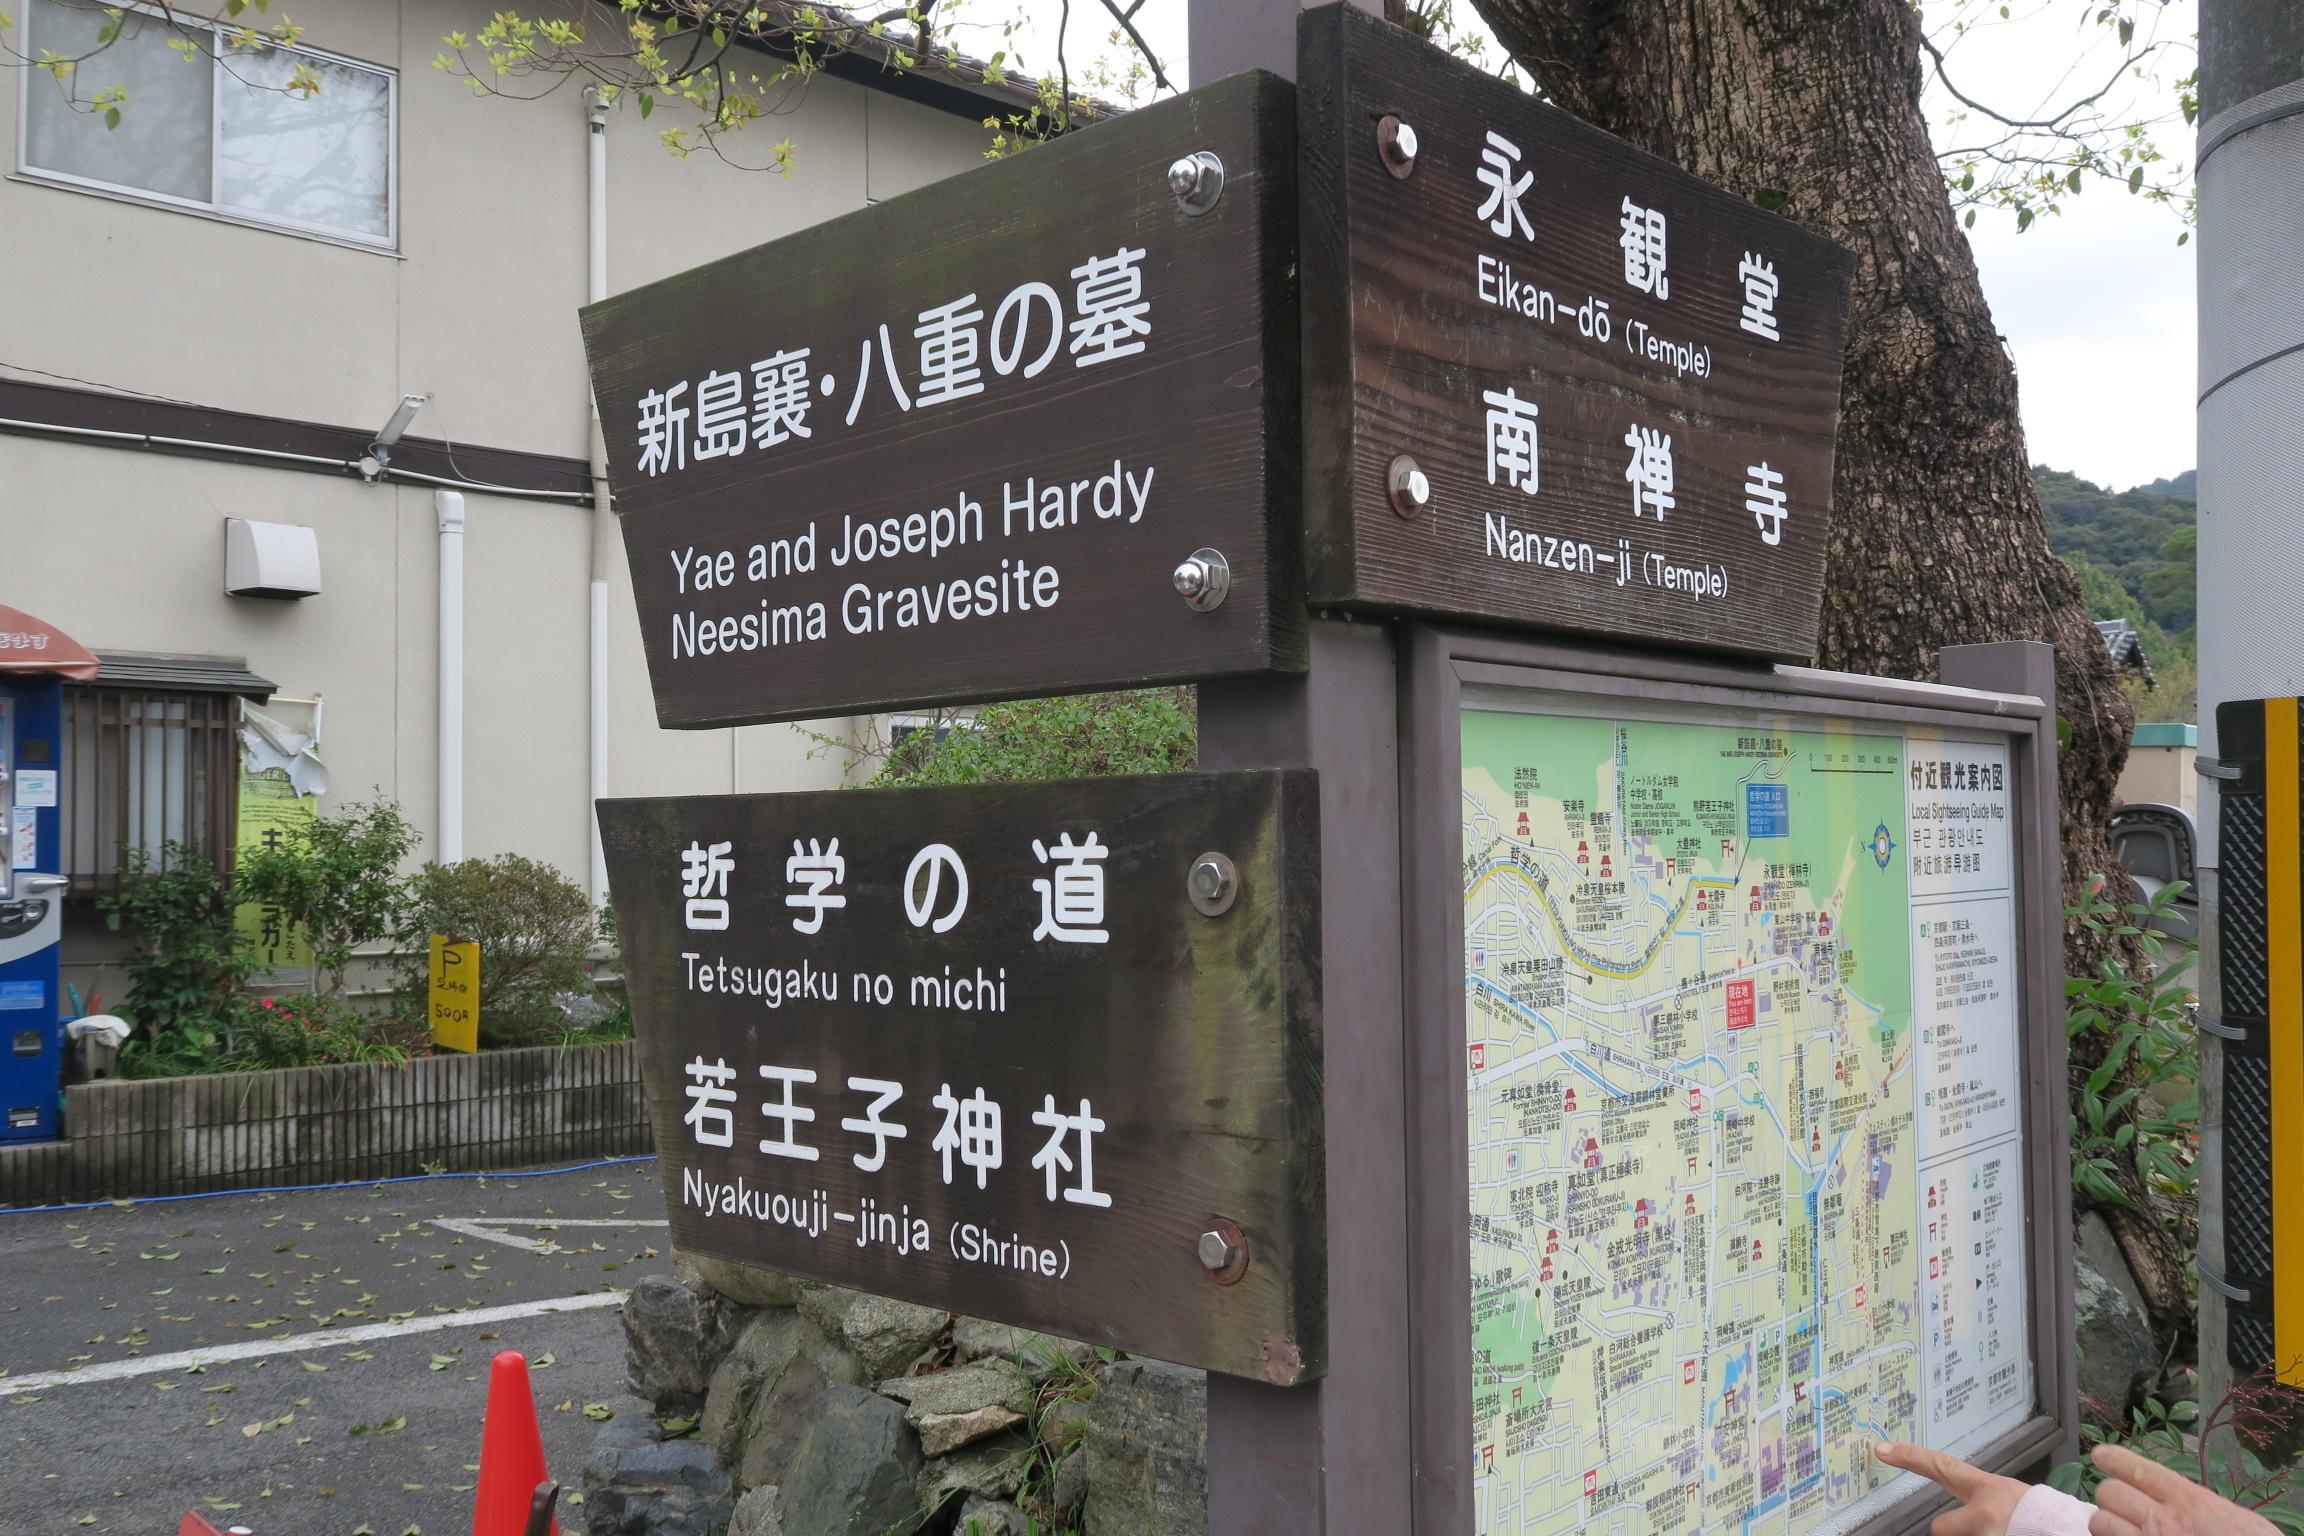 この辺りは道案内も多く、観光客も沢山歩いているので、迷うことはないと思います。